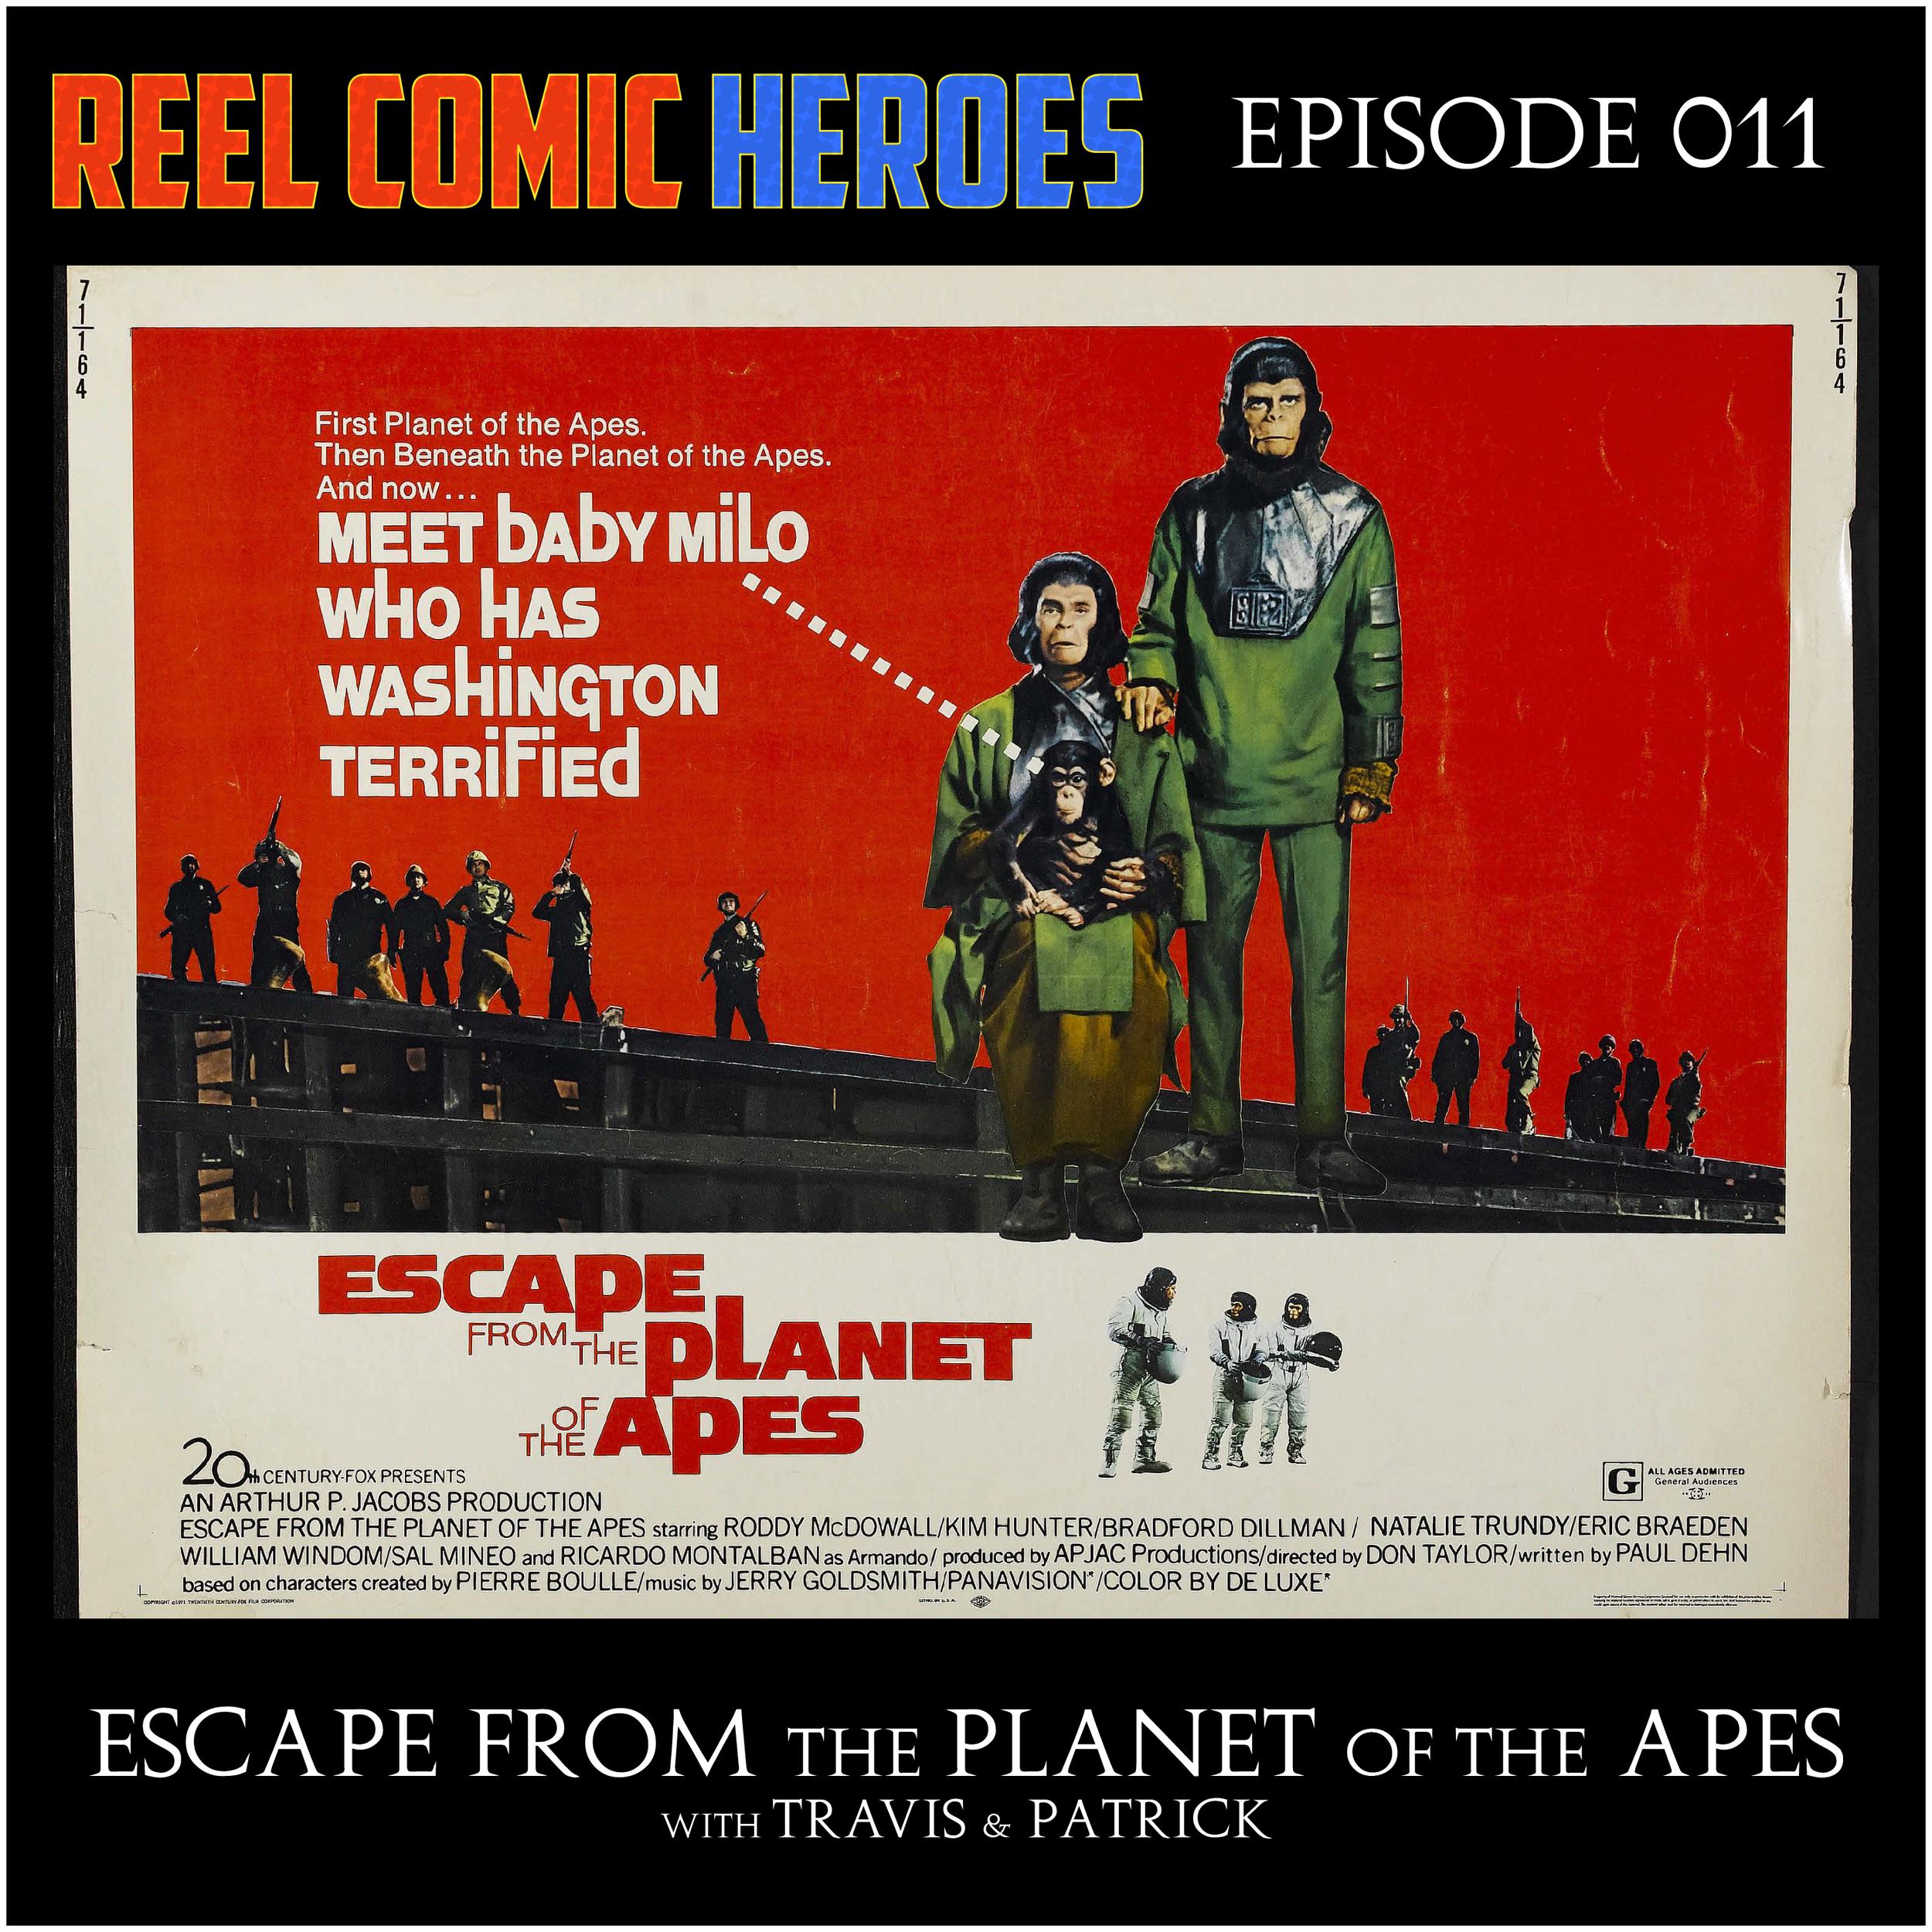 episode011_EscapeFromThePlanetOfTheApes-15.jpg